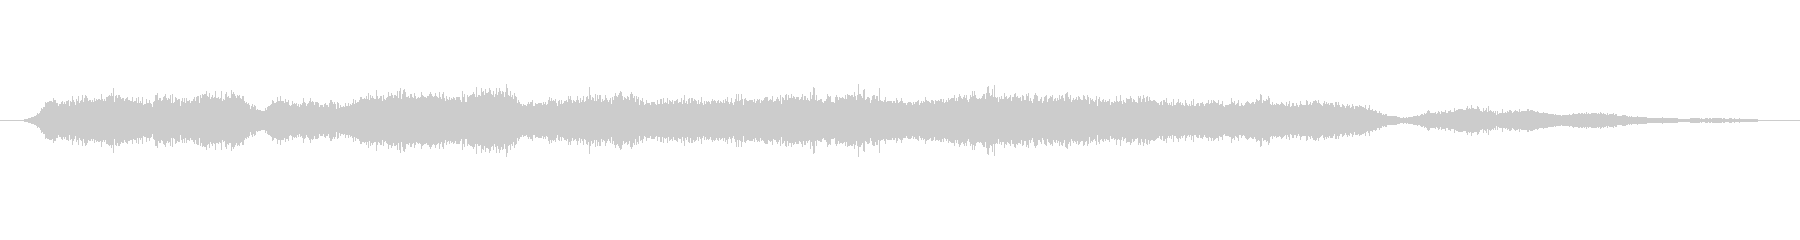 メタル リッドスクリーチ05の未再生の波形